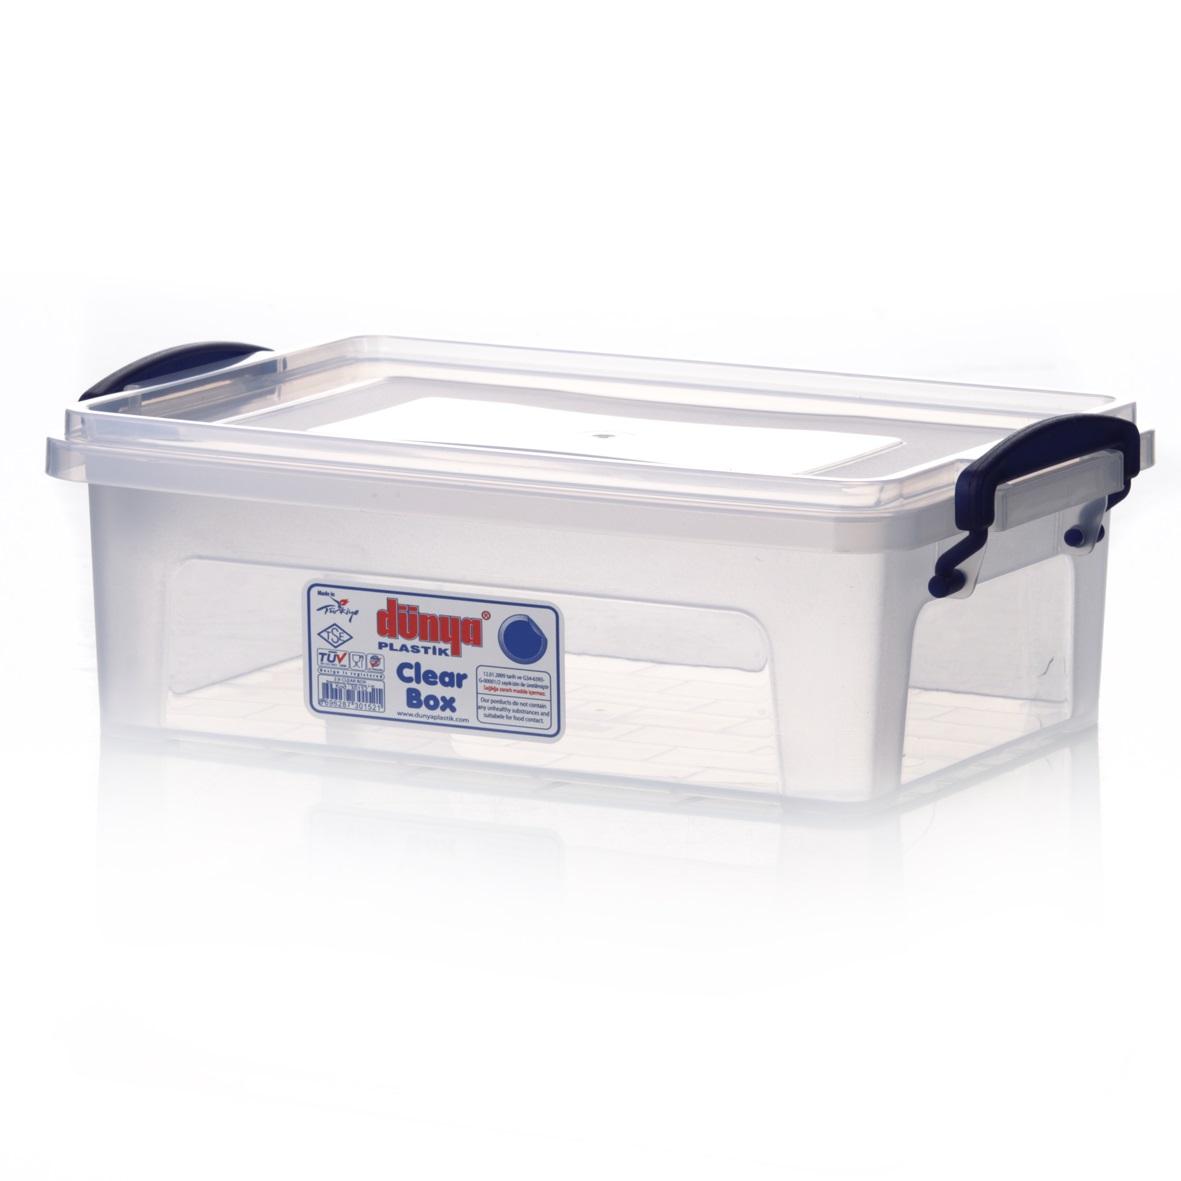 Контейнер Dunya Plastik Clear Box, цвет: прозрачный, 2 л30152Контейнер Dunya Plastik Clear Box выполнен из прочного пластика. Он предназначен для хранения различных мелких вещей. Крышка легко открывается и плотно закрывается. Прозрачные стенки позволяют видеть содержимое. По бокам предусмотрены две удобные ручки, с помощью которых контейнер закрывается. Контейнер поможет хранить все в одном месте, а также защитить вещи от пыли, грязи и влаги. Объем: 2 л. Размер контейнера (с учетом ручек и крышки): 25 см х 16,5 см х 8,5 см. Внутренний размер контейнера: 21,5 см х 14,5 см х 7 см.